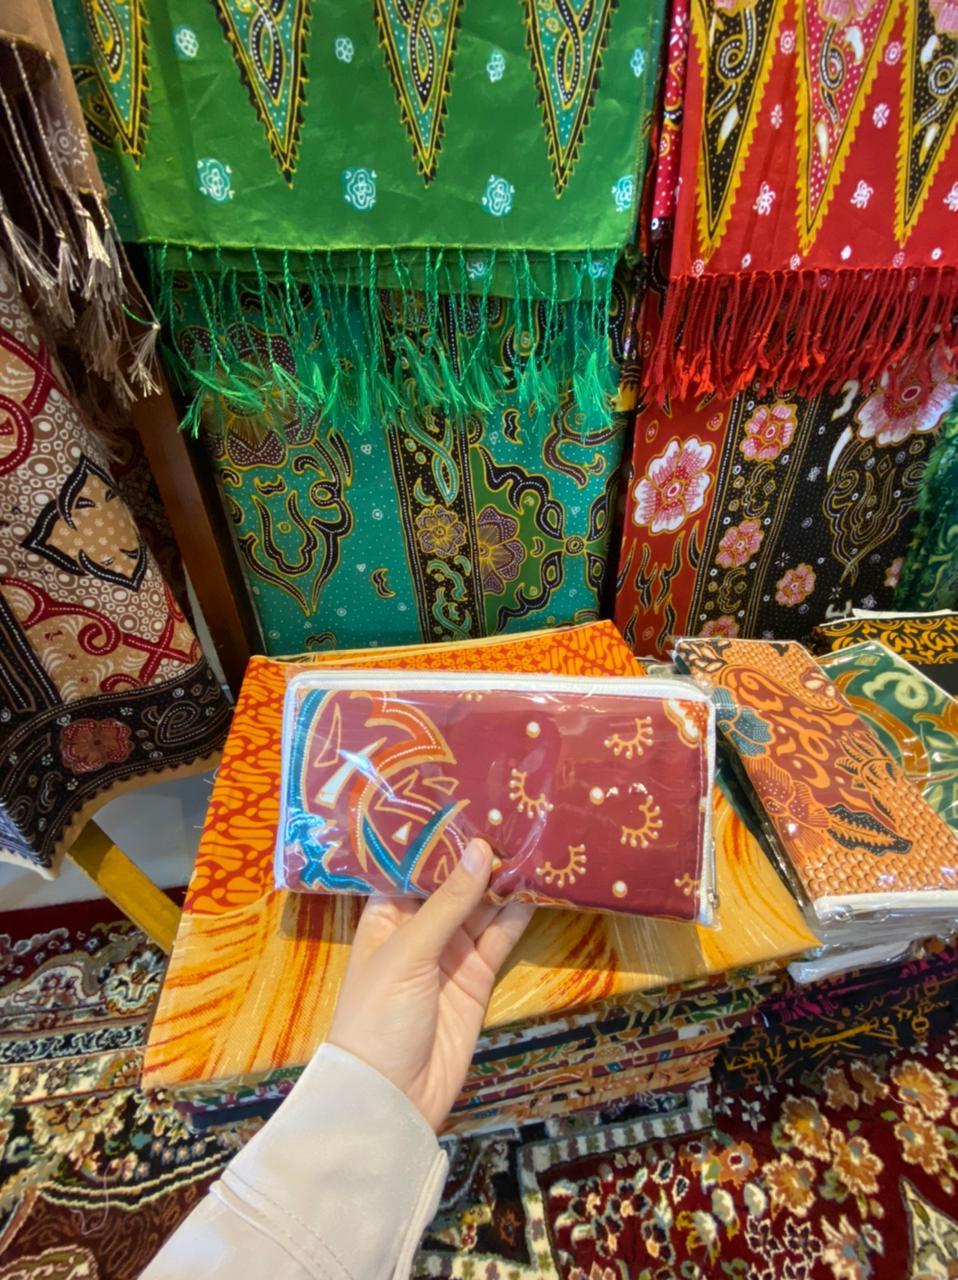 Kedai Lelang UMKM sebagai Etalase Produk Lokal Menuju Pasar Nasional